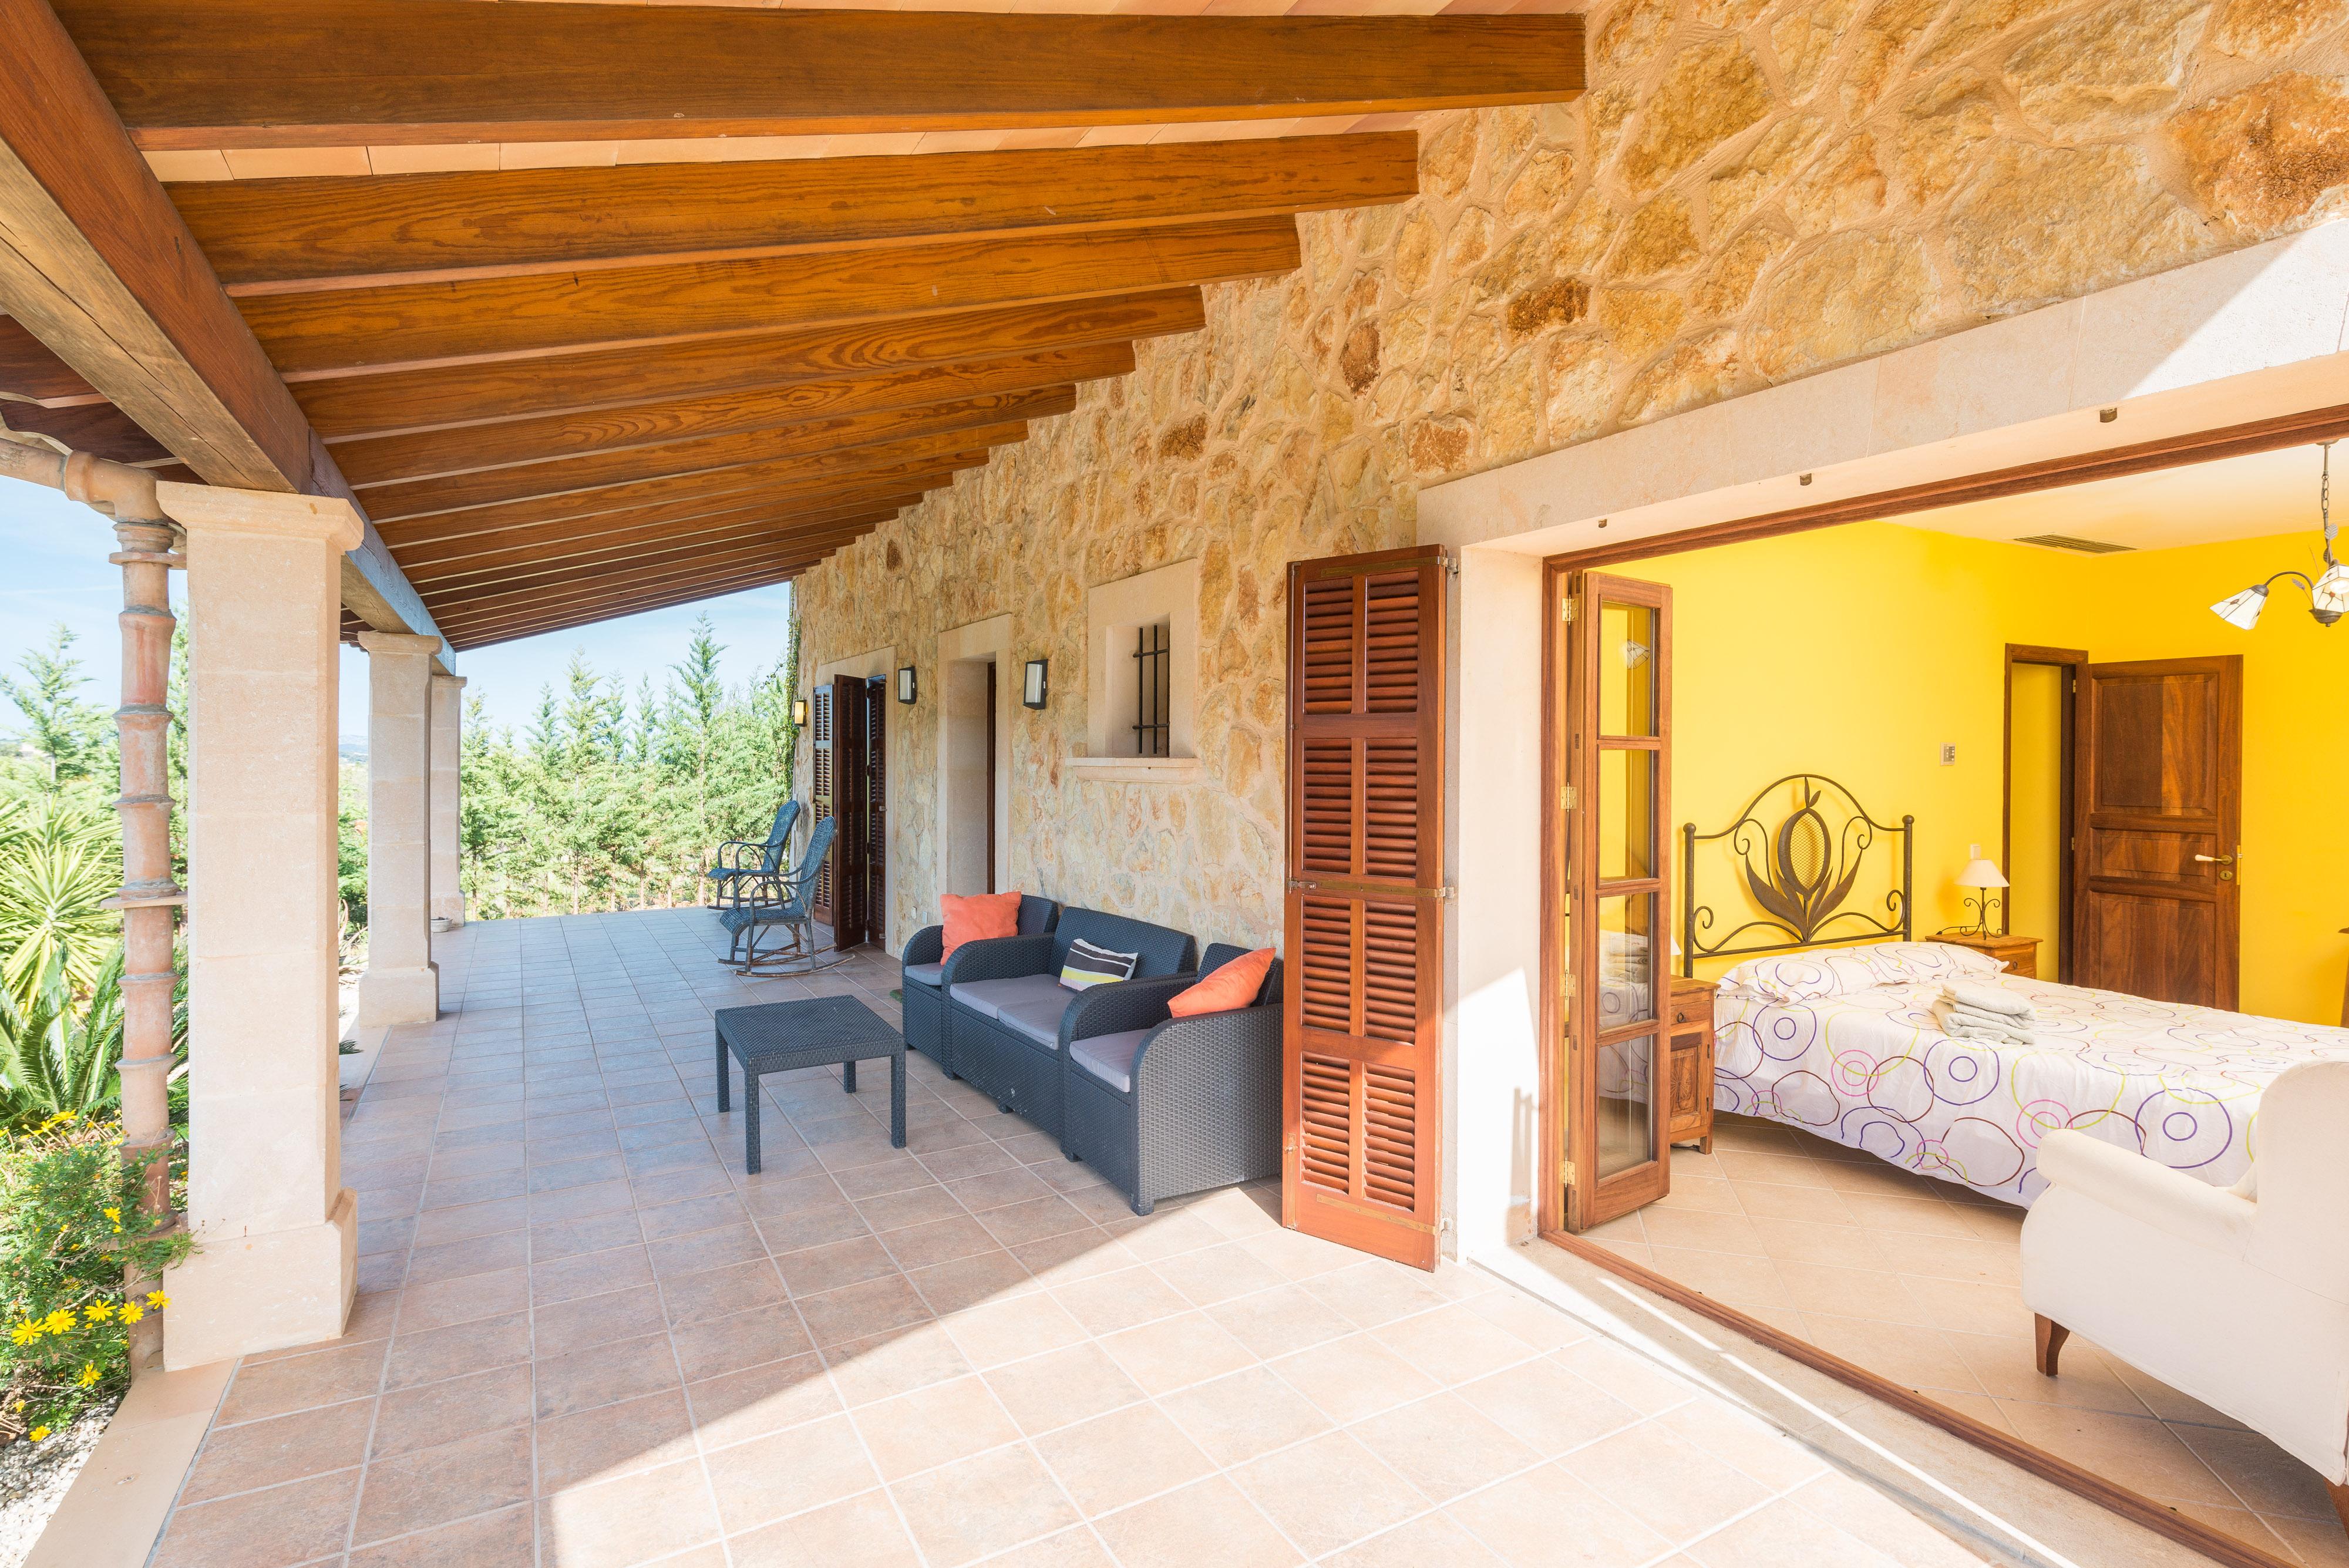 Ferienhaus BONA VIDA (1956241), Selva (ES), Mallorca, Balearische Inseln, Spanien, Bild 10